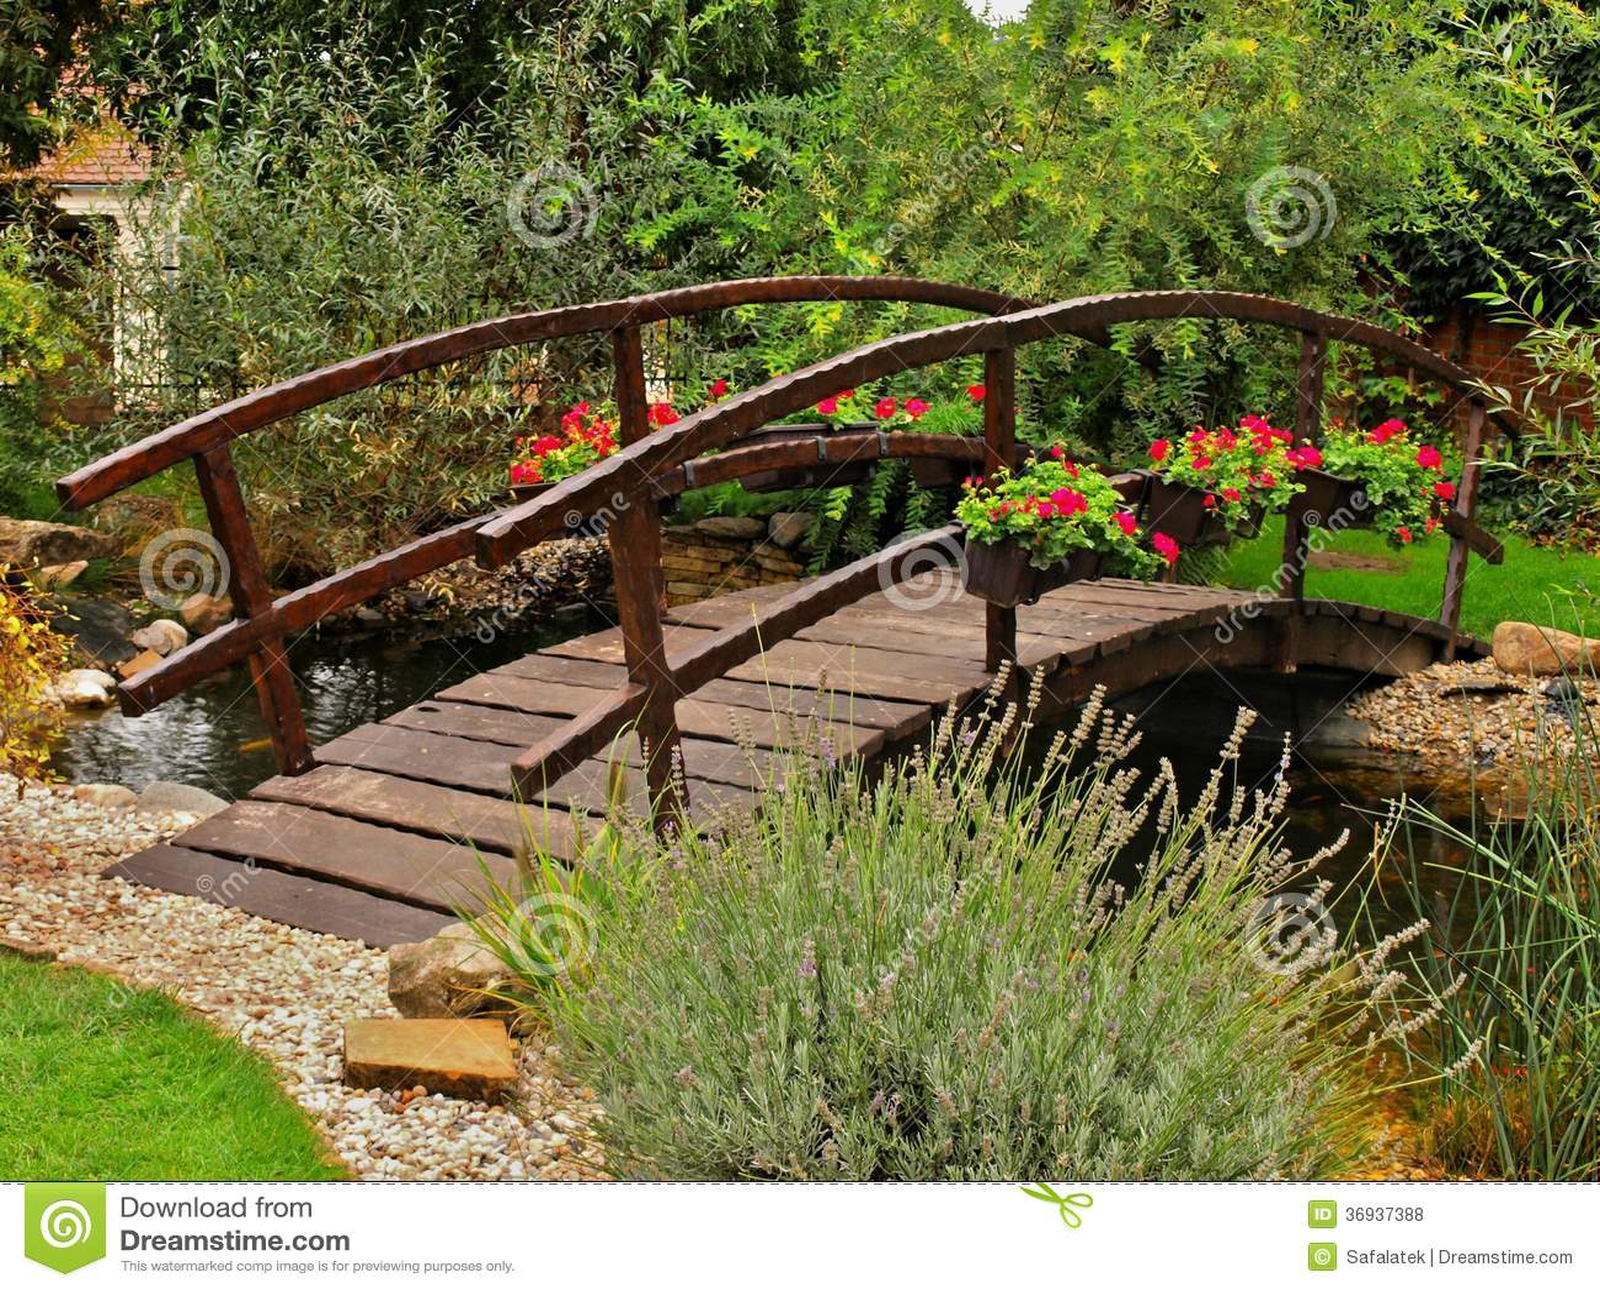 Holzbrücke Im Garten Stockfoto Bild Von Orange Grün 36937388